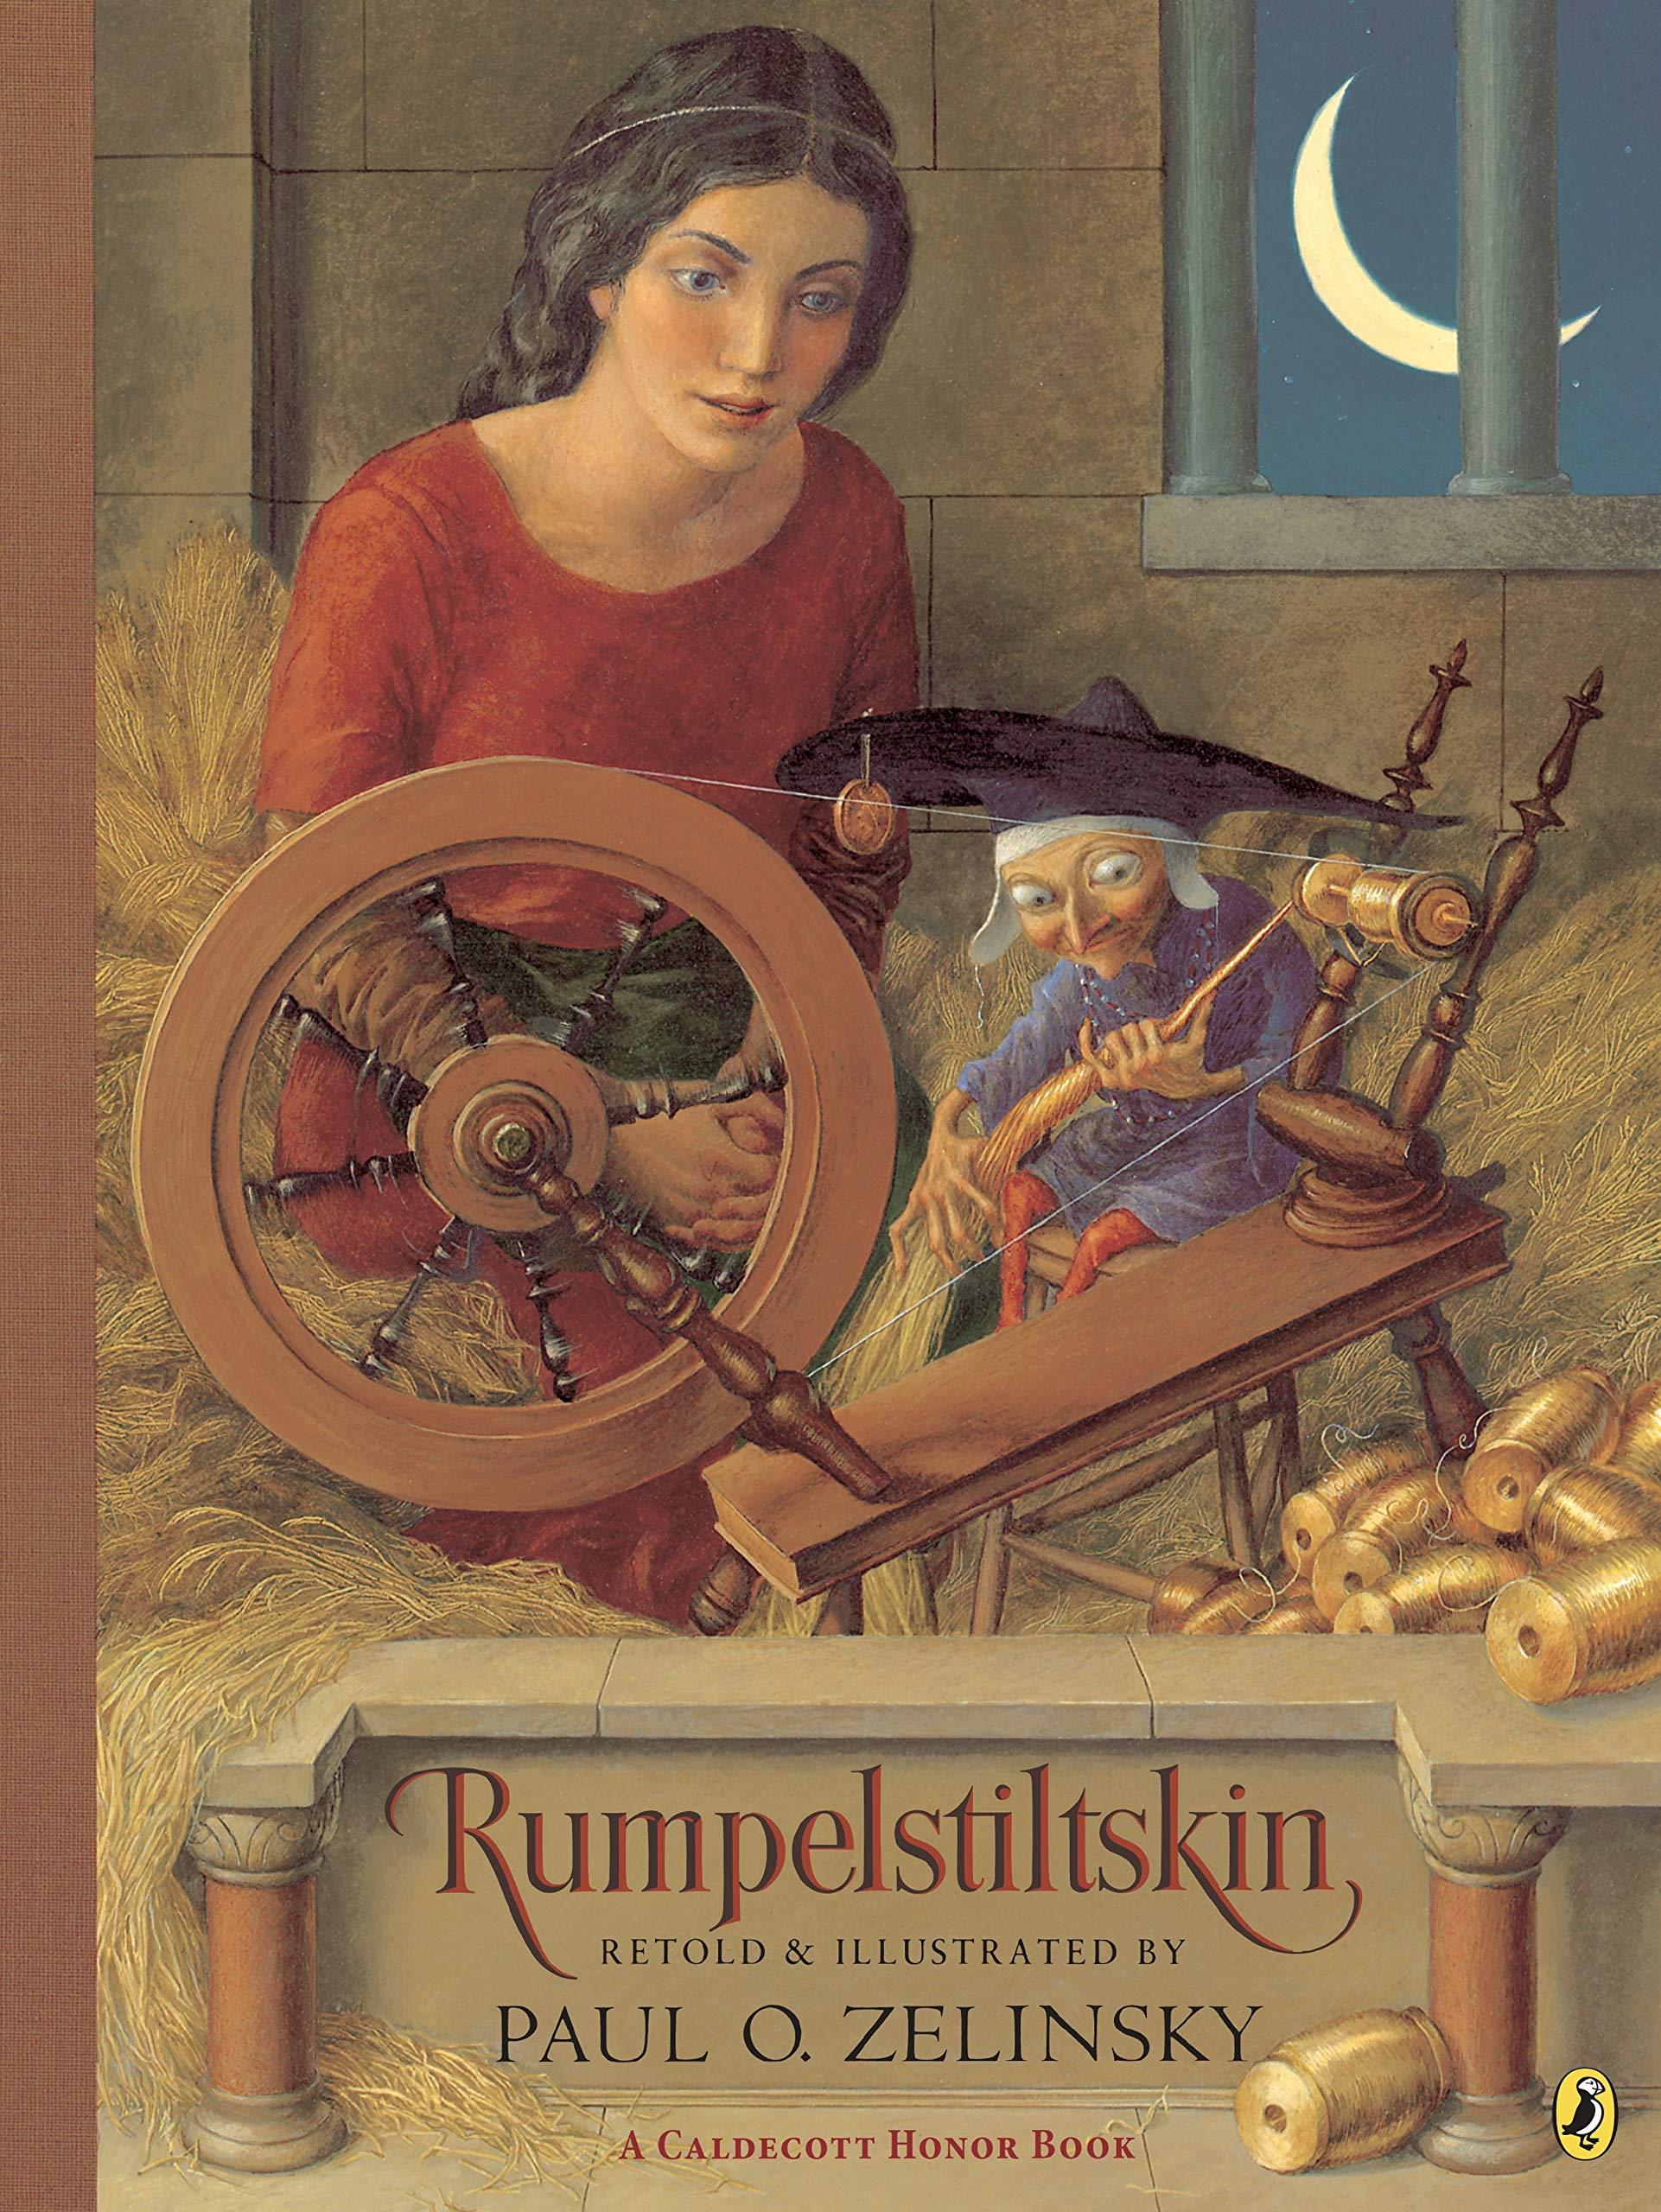 داستان صوتی انگلیسی رامپلاستیلتاسکین | Rumpelstiltskin